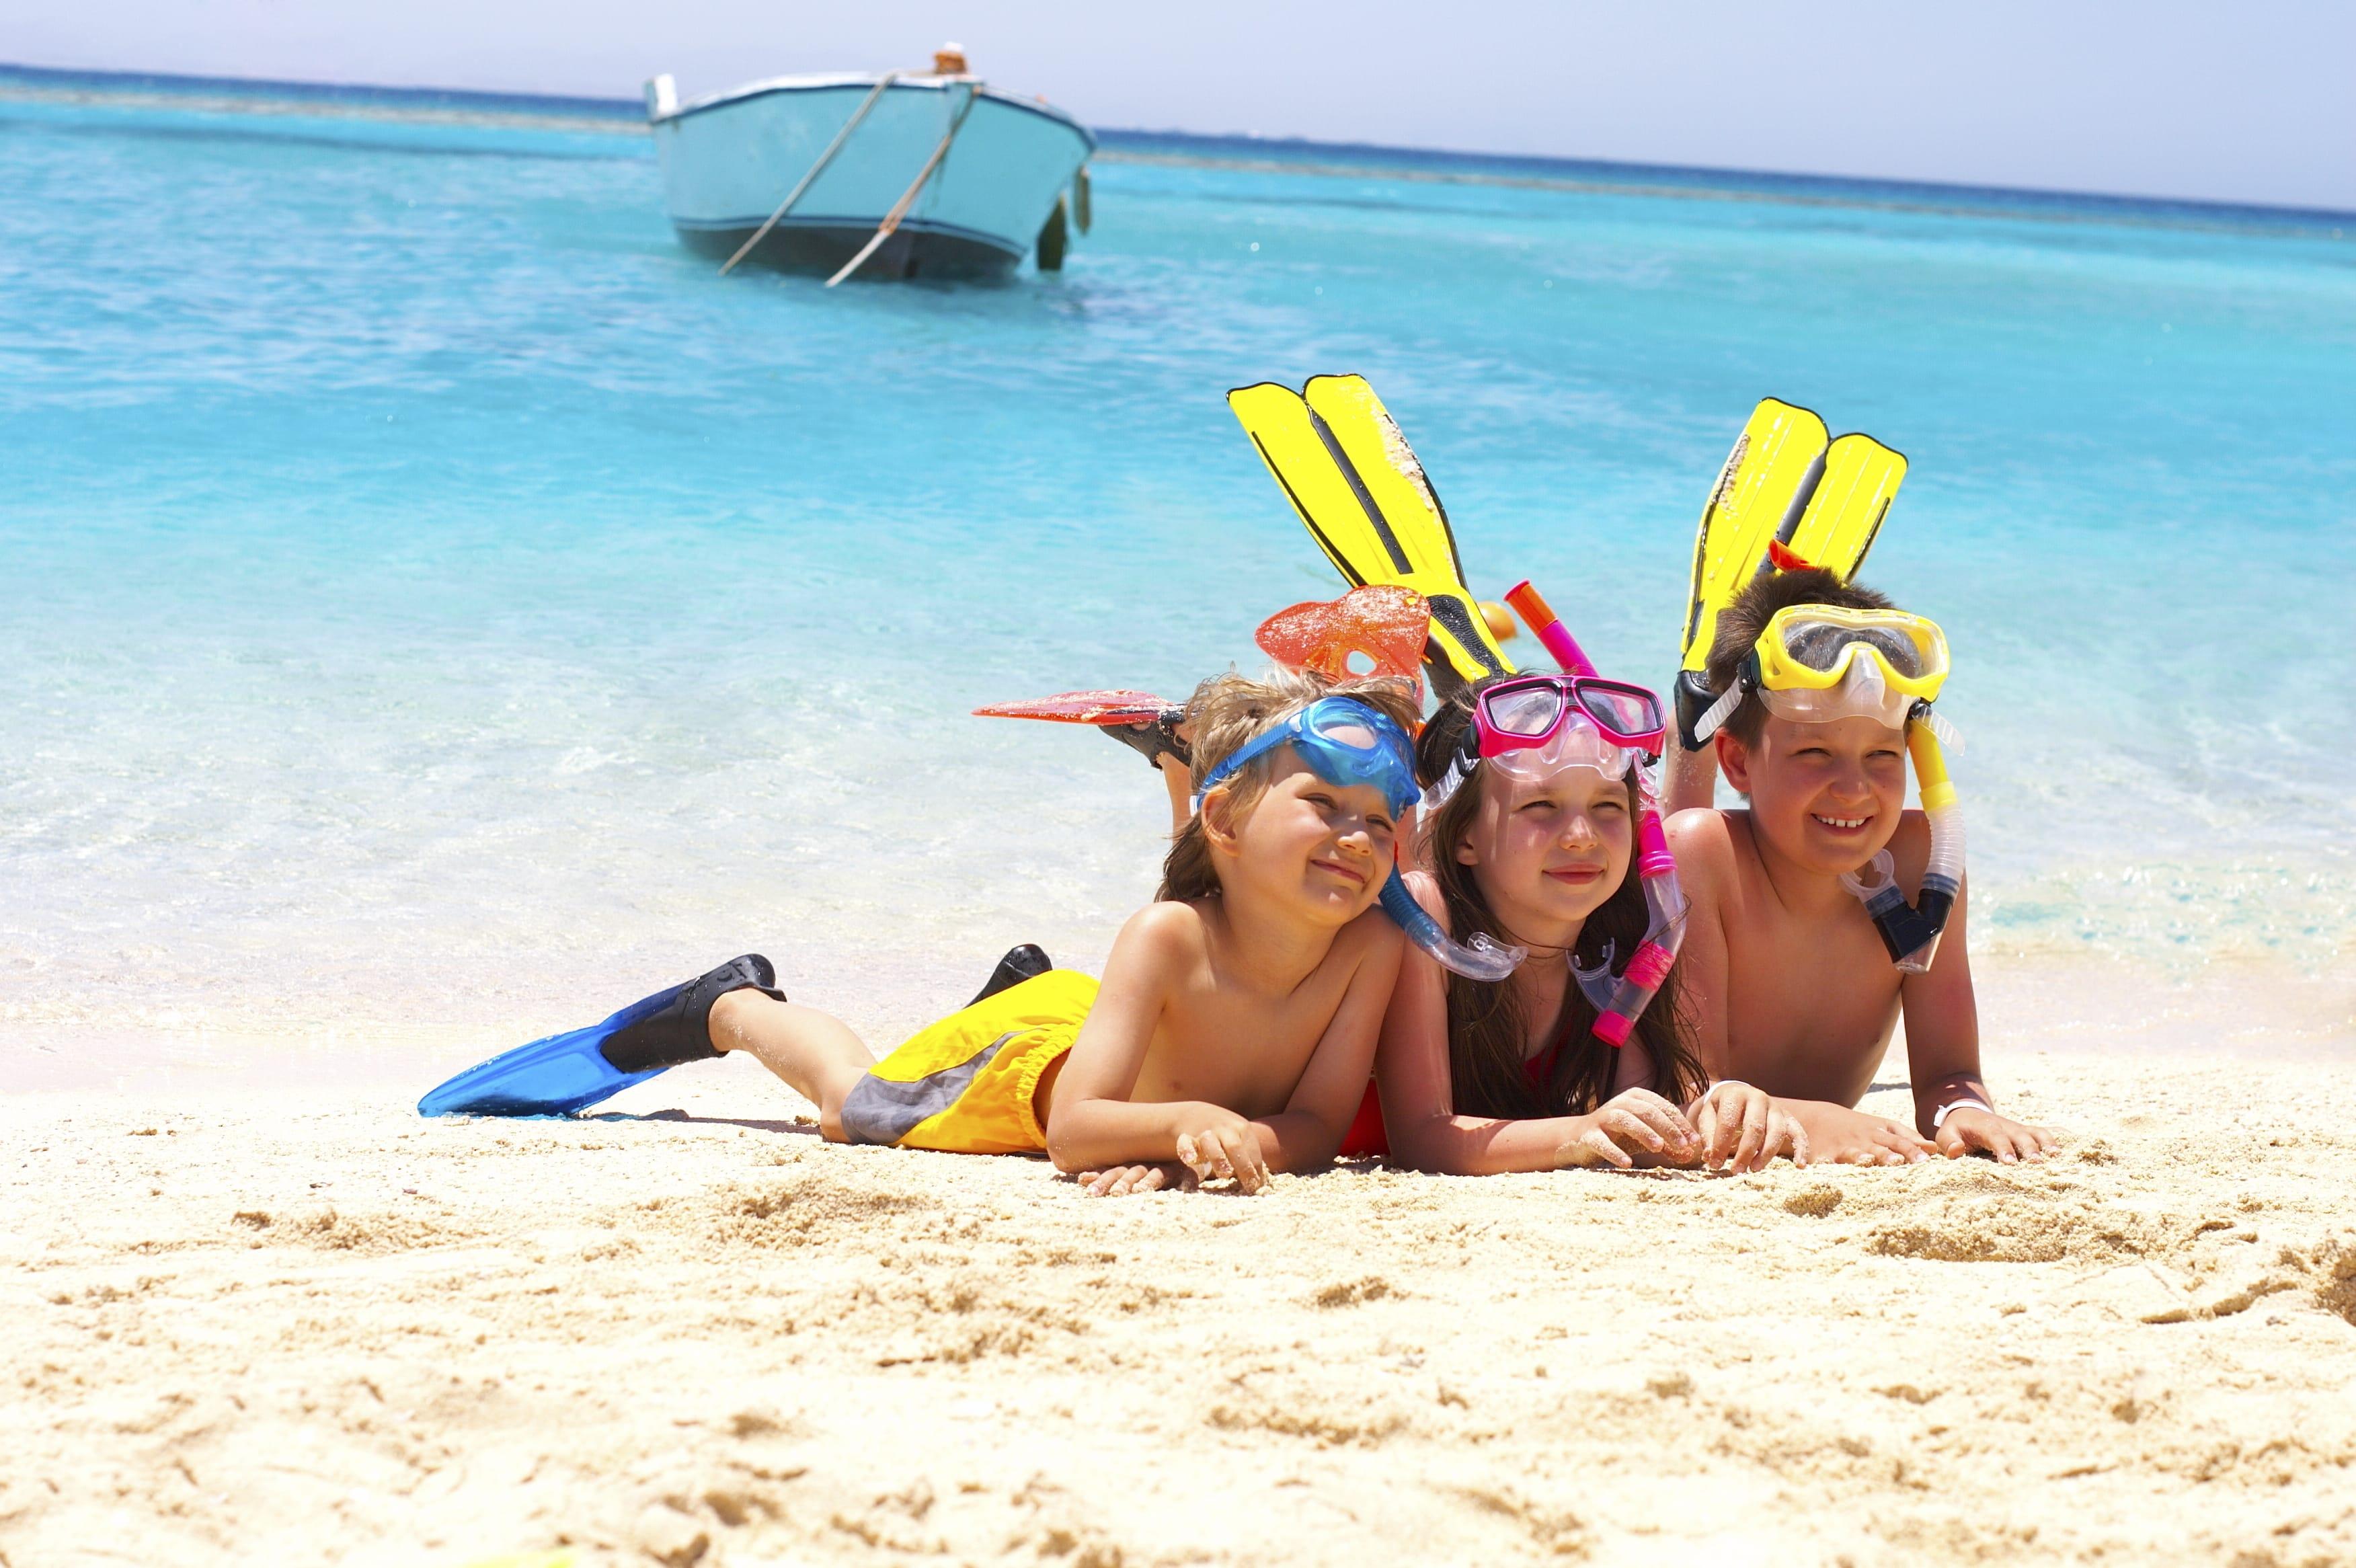 Bambini E Bagno Al Mare Come Divertirsi In Tutta Sicurezza Non Sprecare